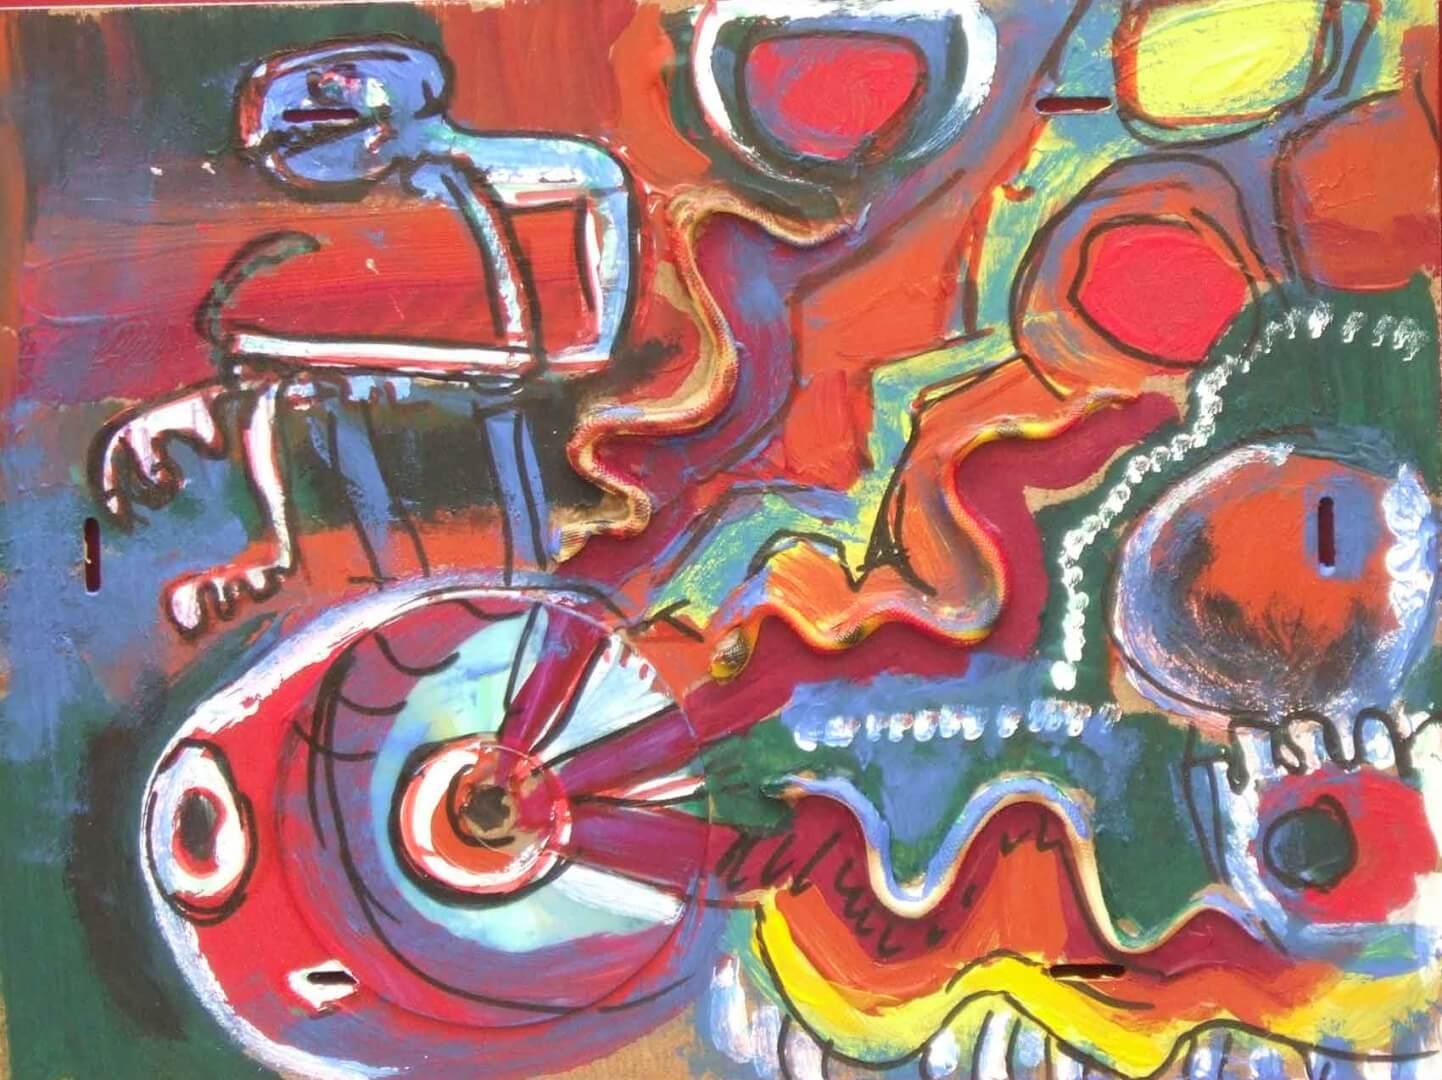 En roue libre © David Noir | Dessins, peintures, collages